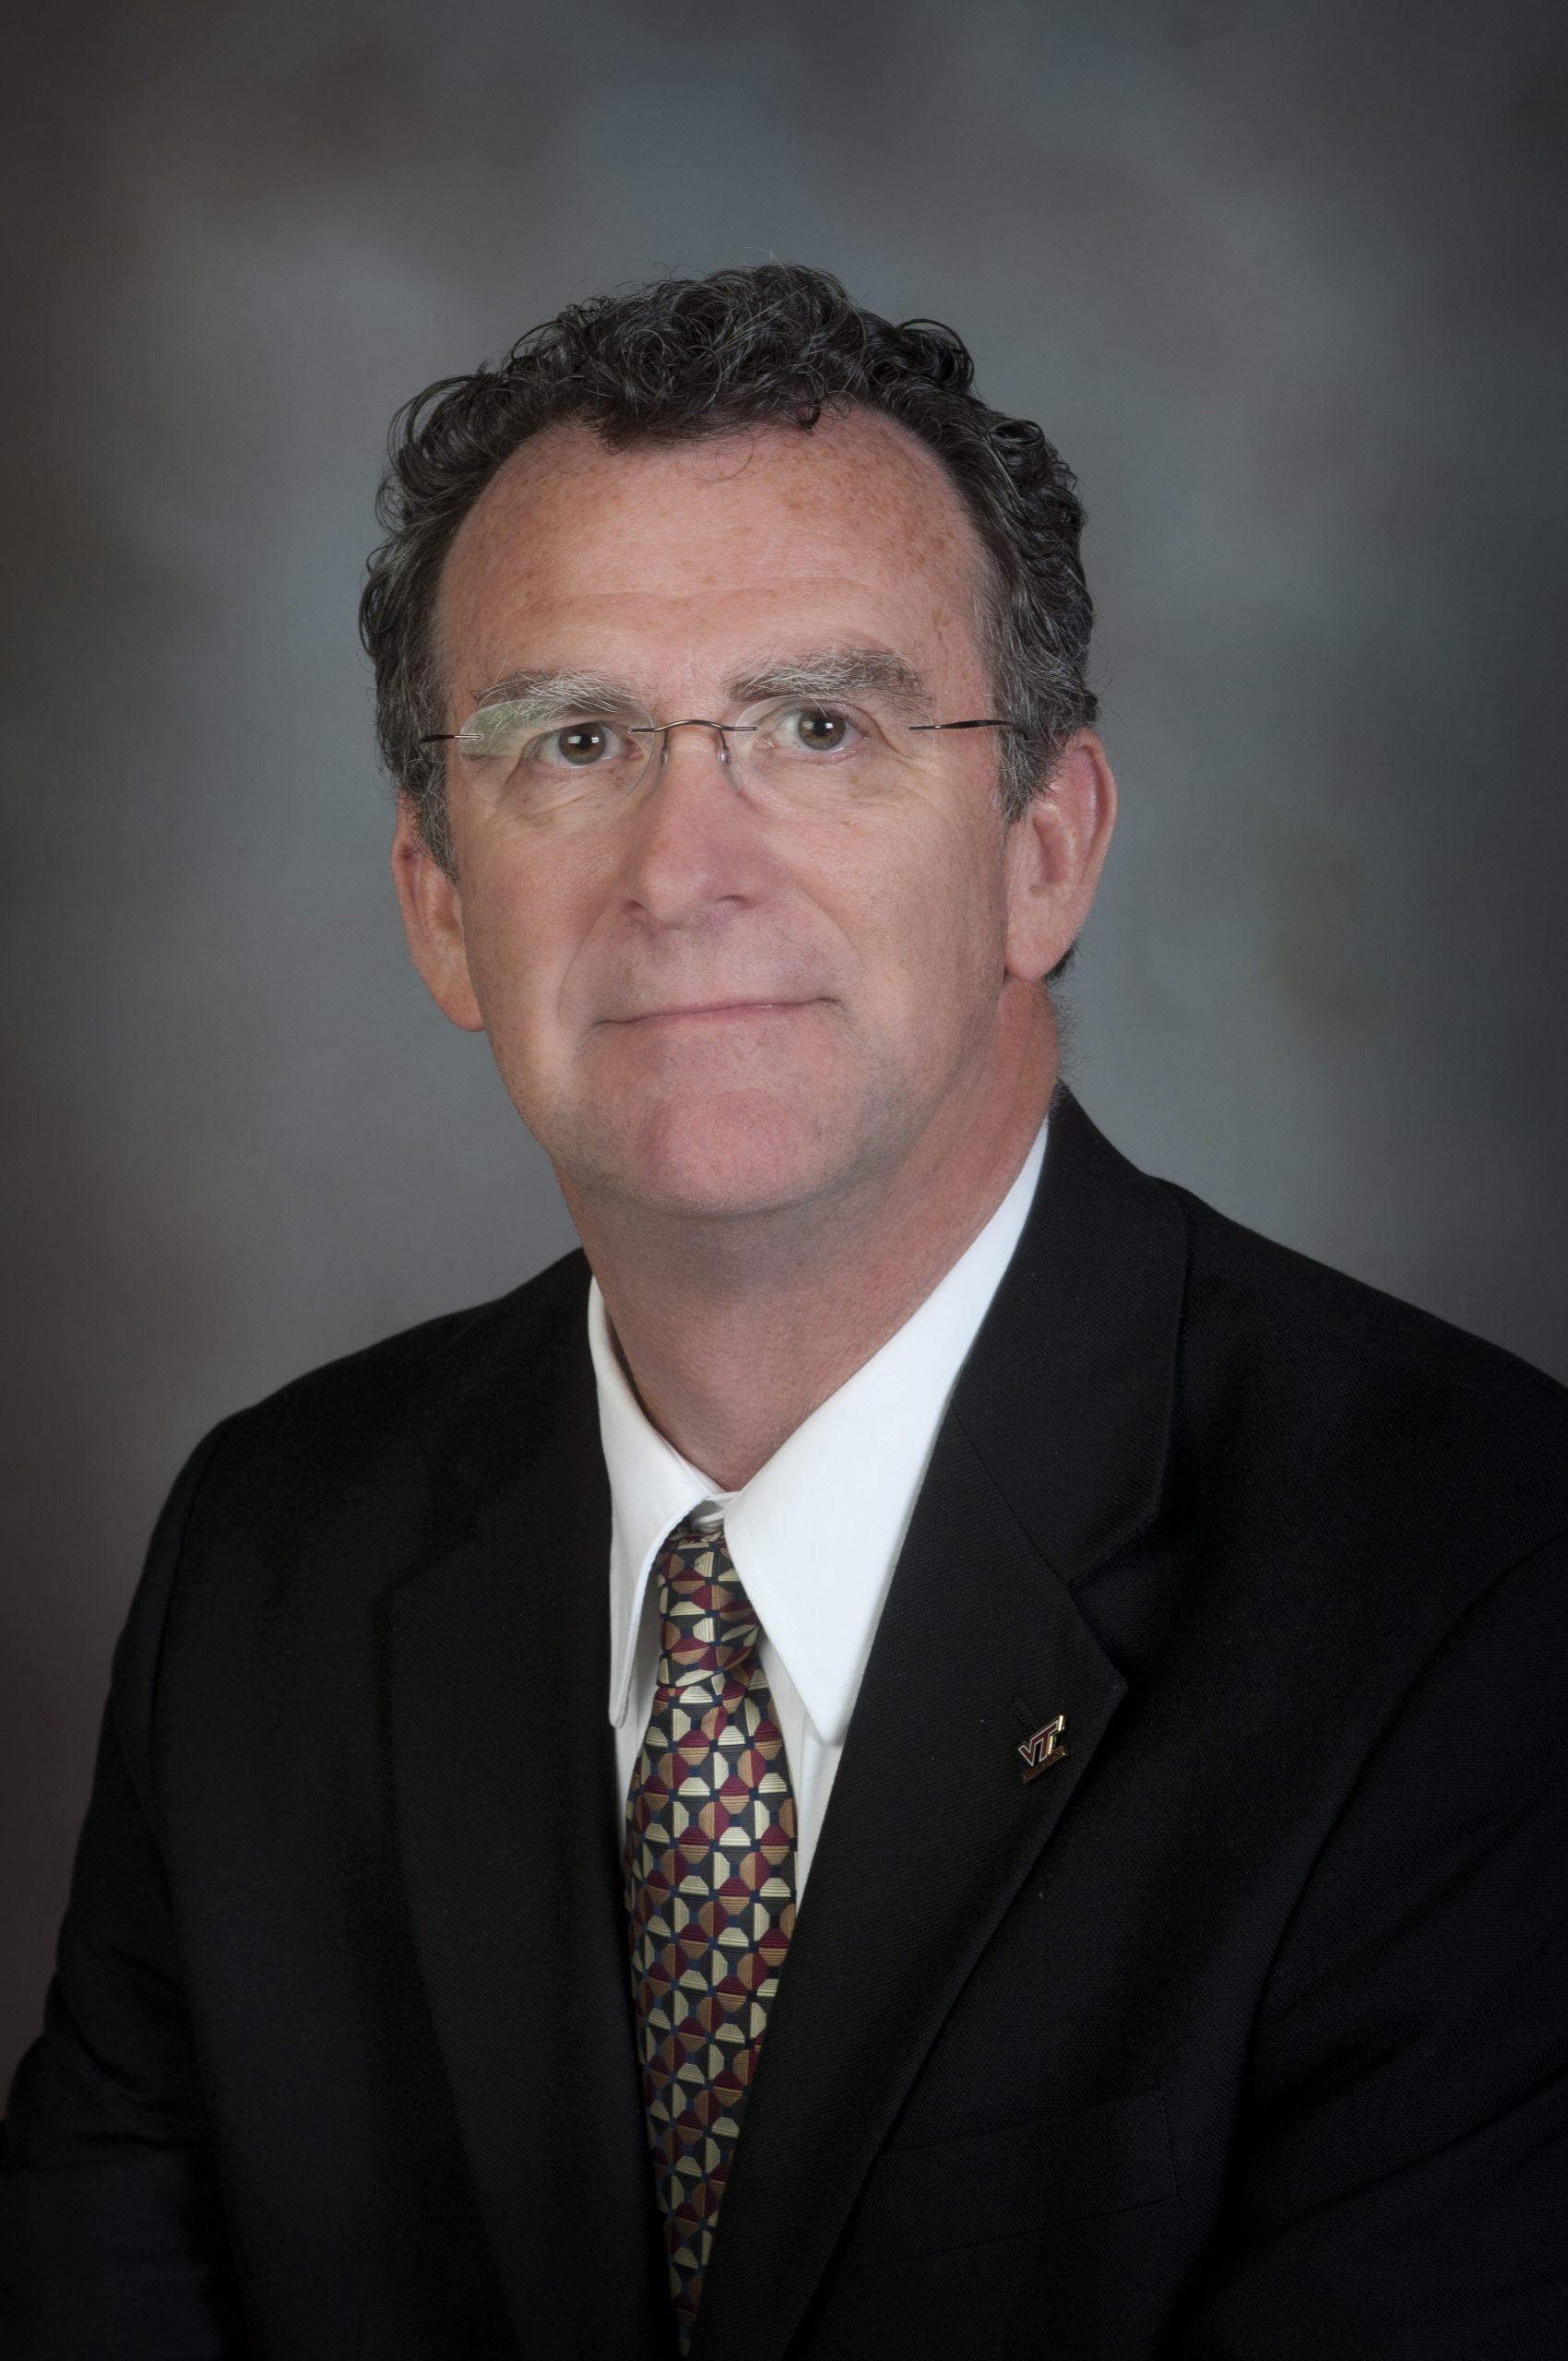 Profile image of Edwin Jones